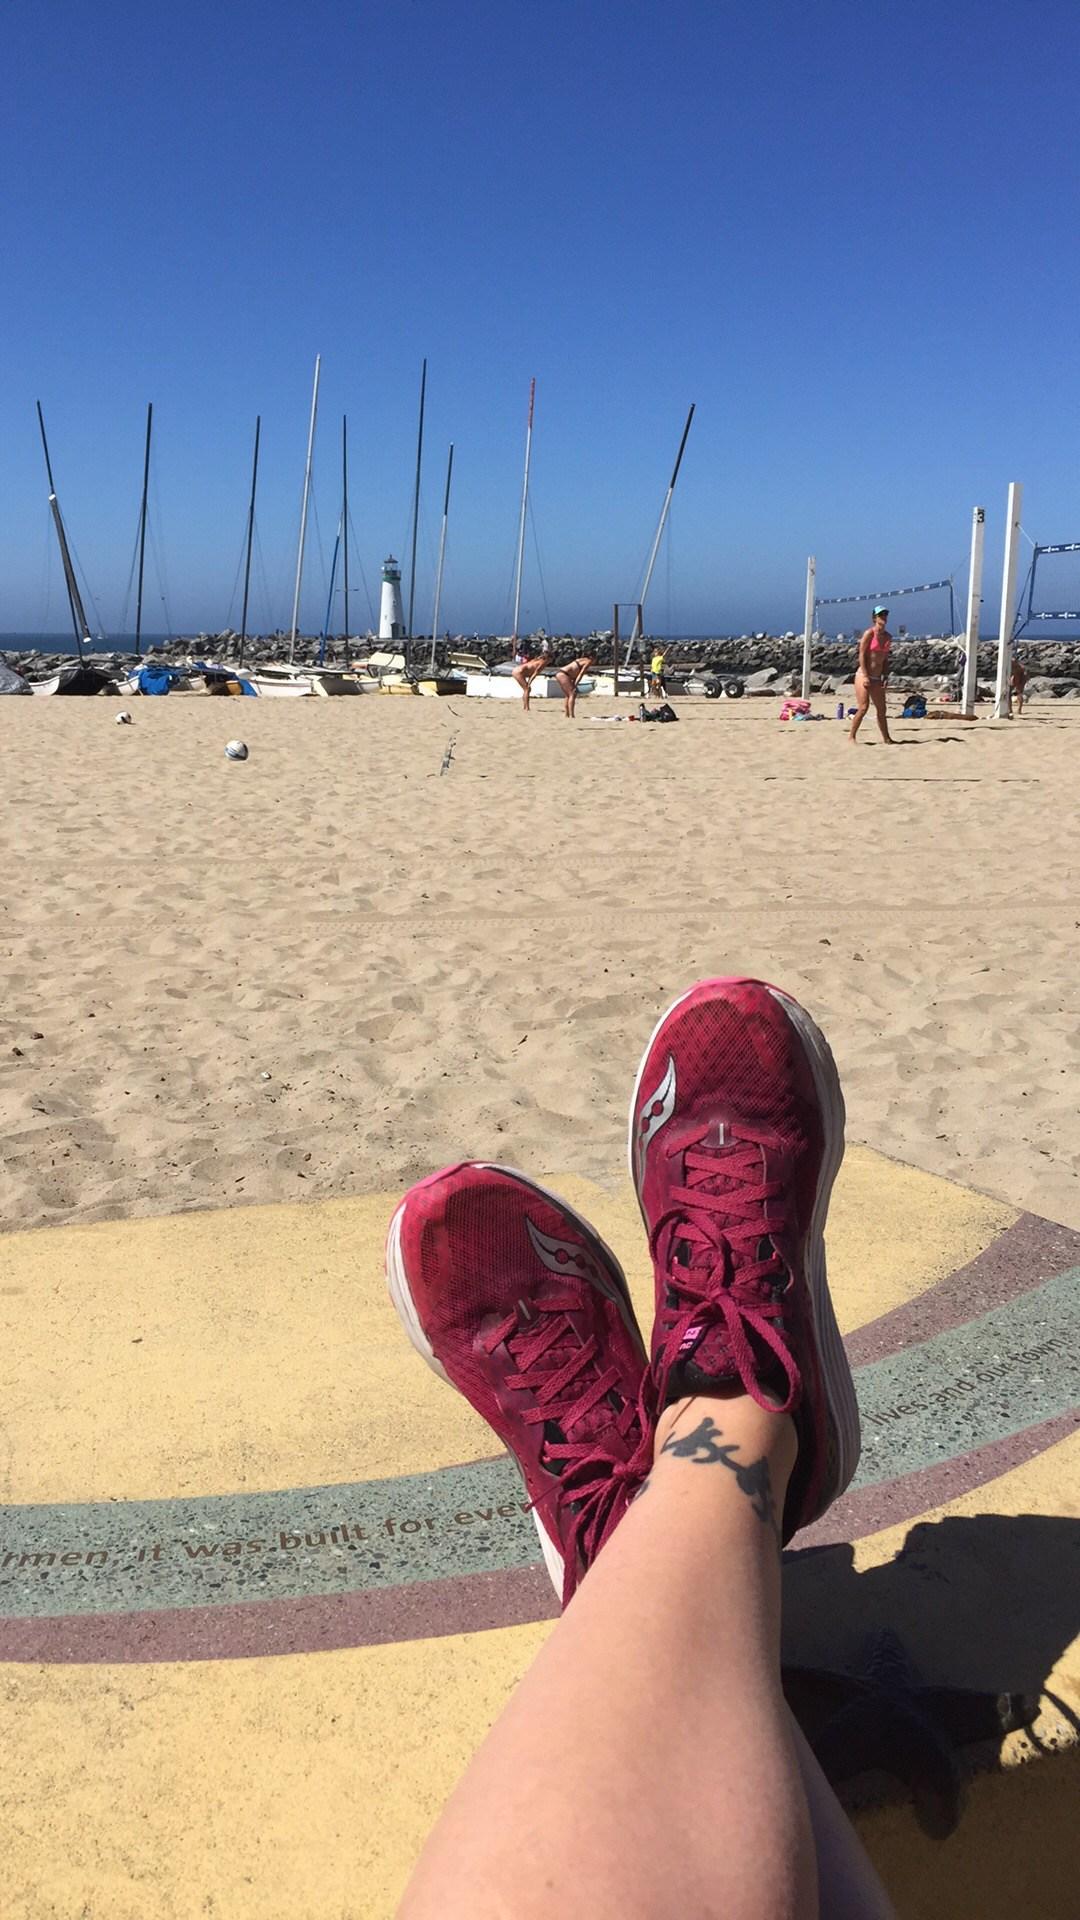 Image of feet on sand